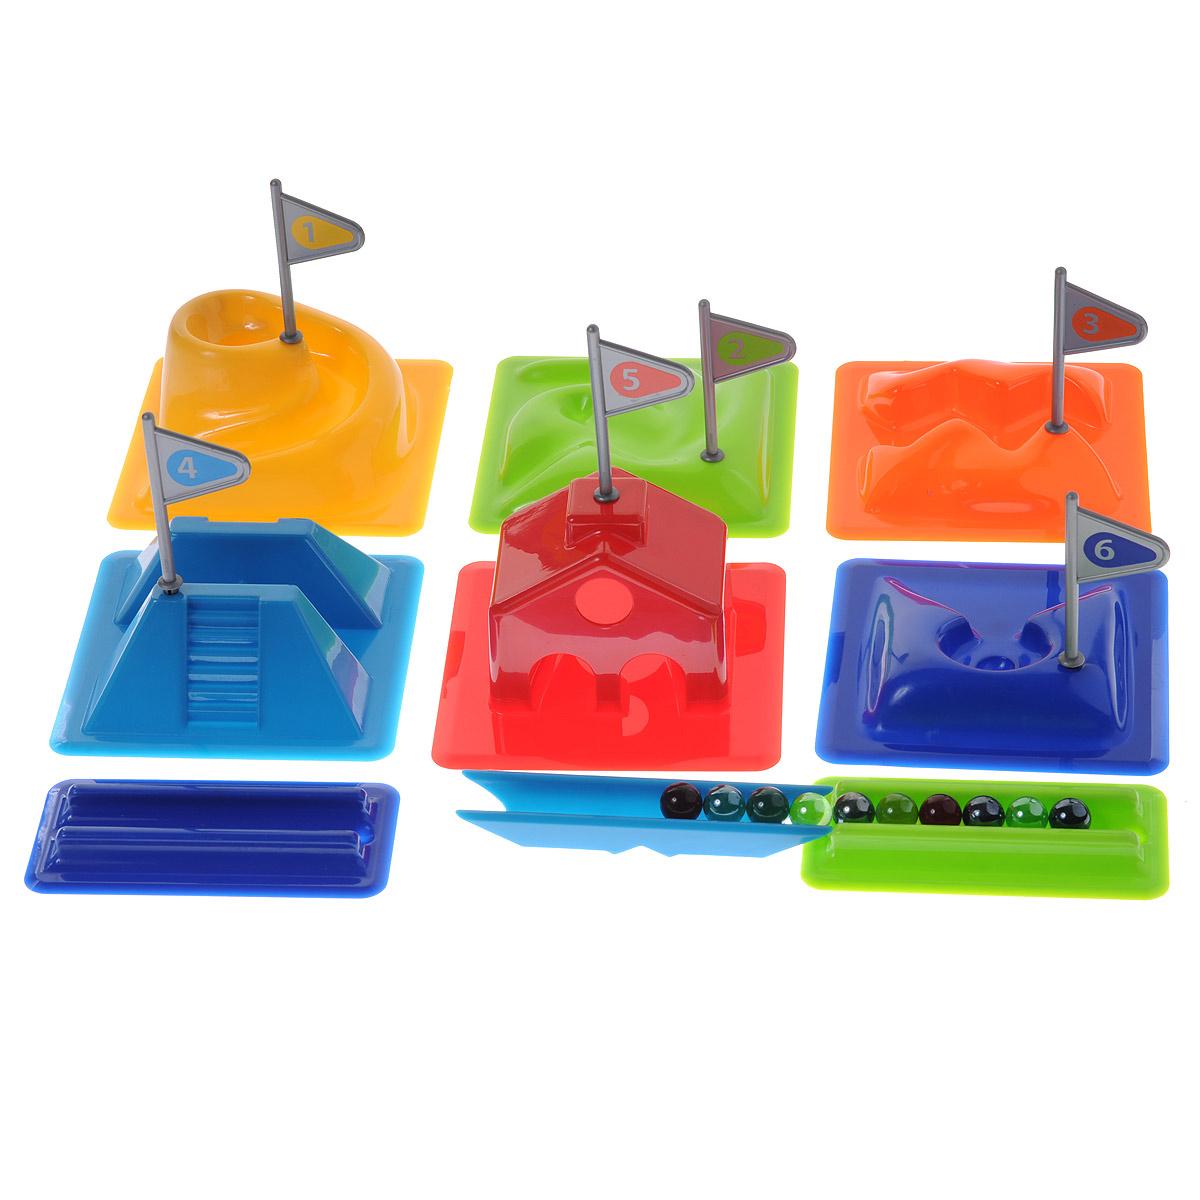 Djeco Игровой набор Гольф02001Игровой набор Djeco Гольф предназначен для активных и спортивных детей. В эту веселую игру можно играть и дома, и на улице. Цель игры - пройти весь маршрут из лунок с минимальным количеством ударов. В комплект игры входят 6 различных лунок, 2 дополнительных модуля для игры, 10 цветных стеклянных шариков, а также текстильная сумочка для хранения игры с двумя ручками для переноски. Игра развивает координацию, точность, силу удара. Рекомендуемый возраст: от 6 до 12 лет.